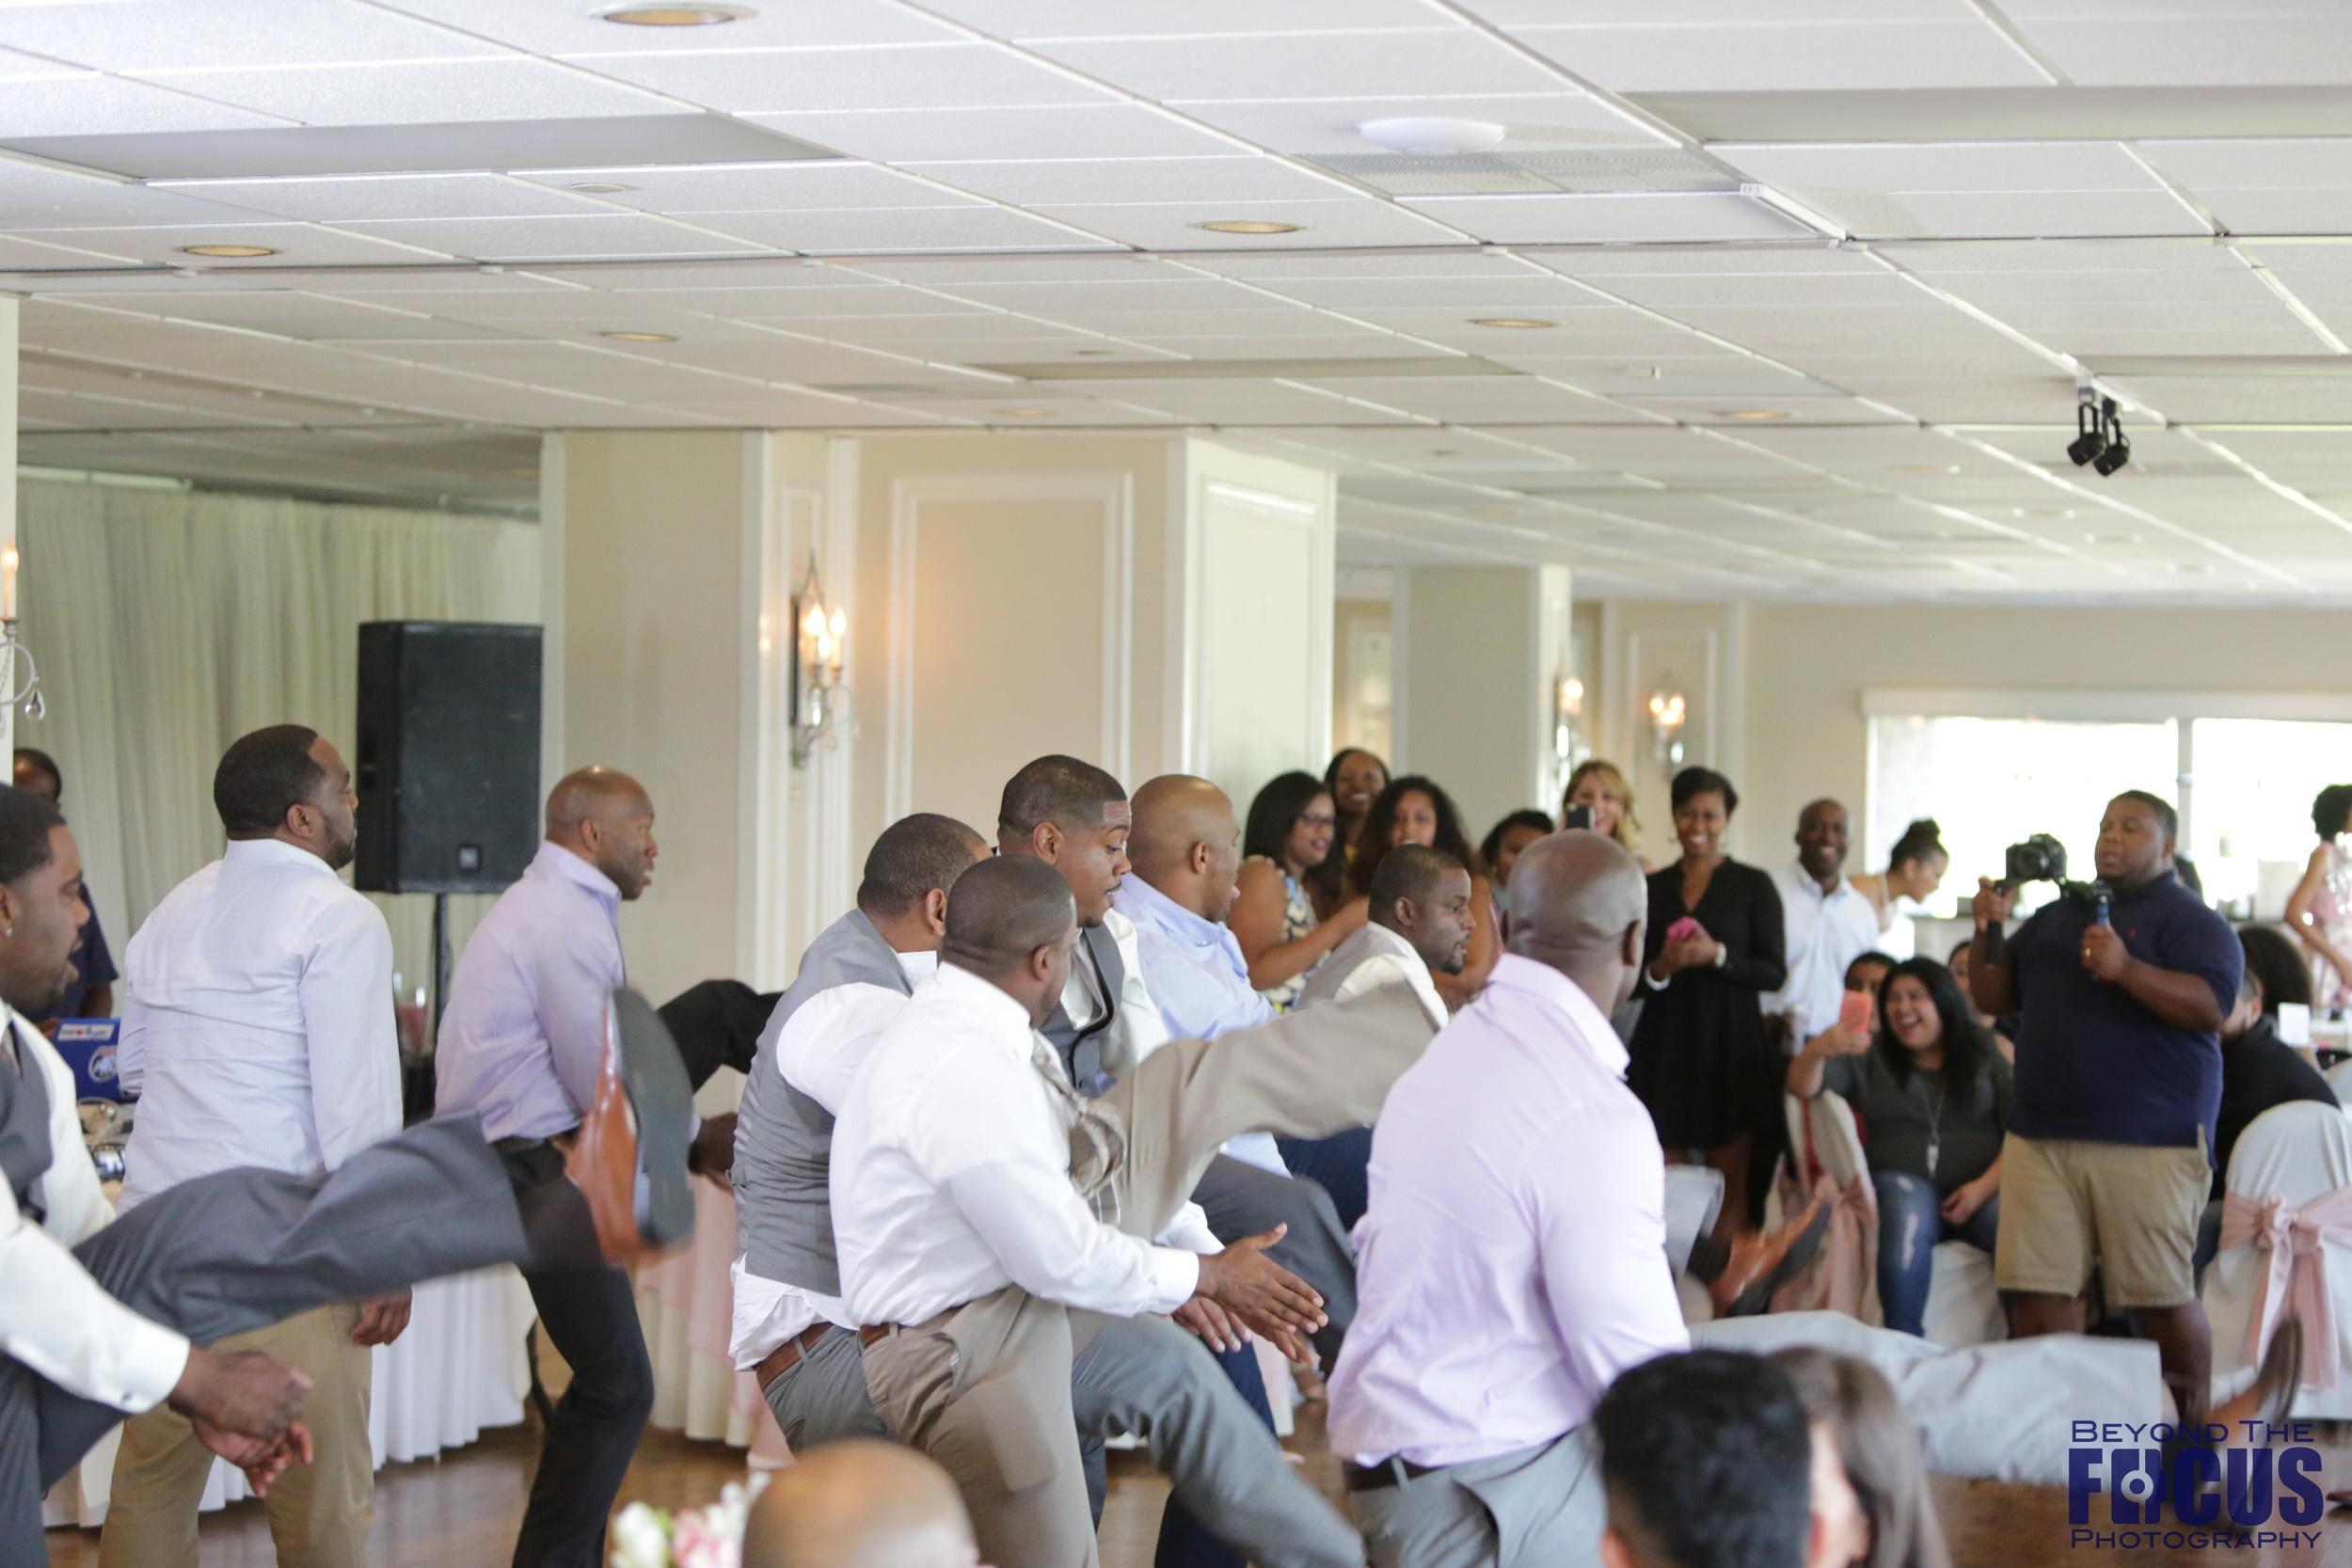 Palmer Wedding - Reception 219.jpg